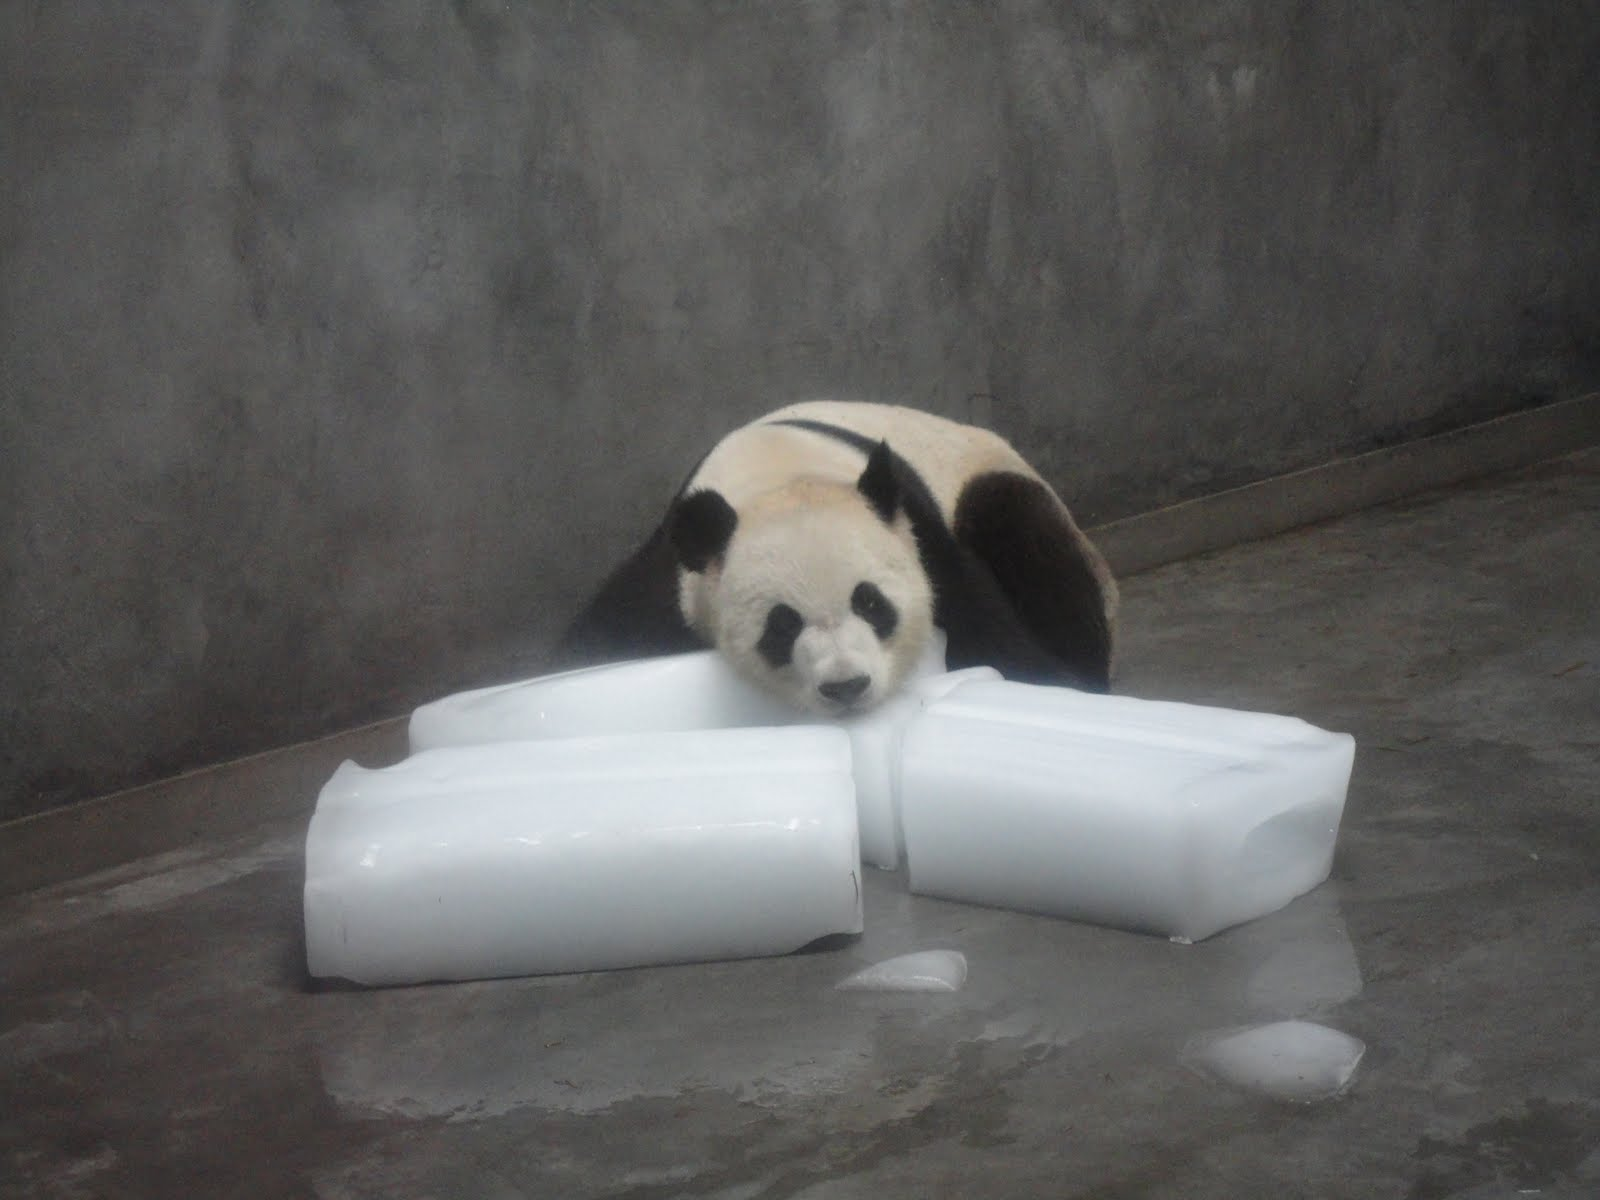 http://4.bp.blogspot.com/-MduVtqmp6Y4/TlEi3oYcyMI/AAAAAAAAAB8/JC5N8lIRyTg/s1600/china+356.jpg